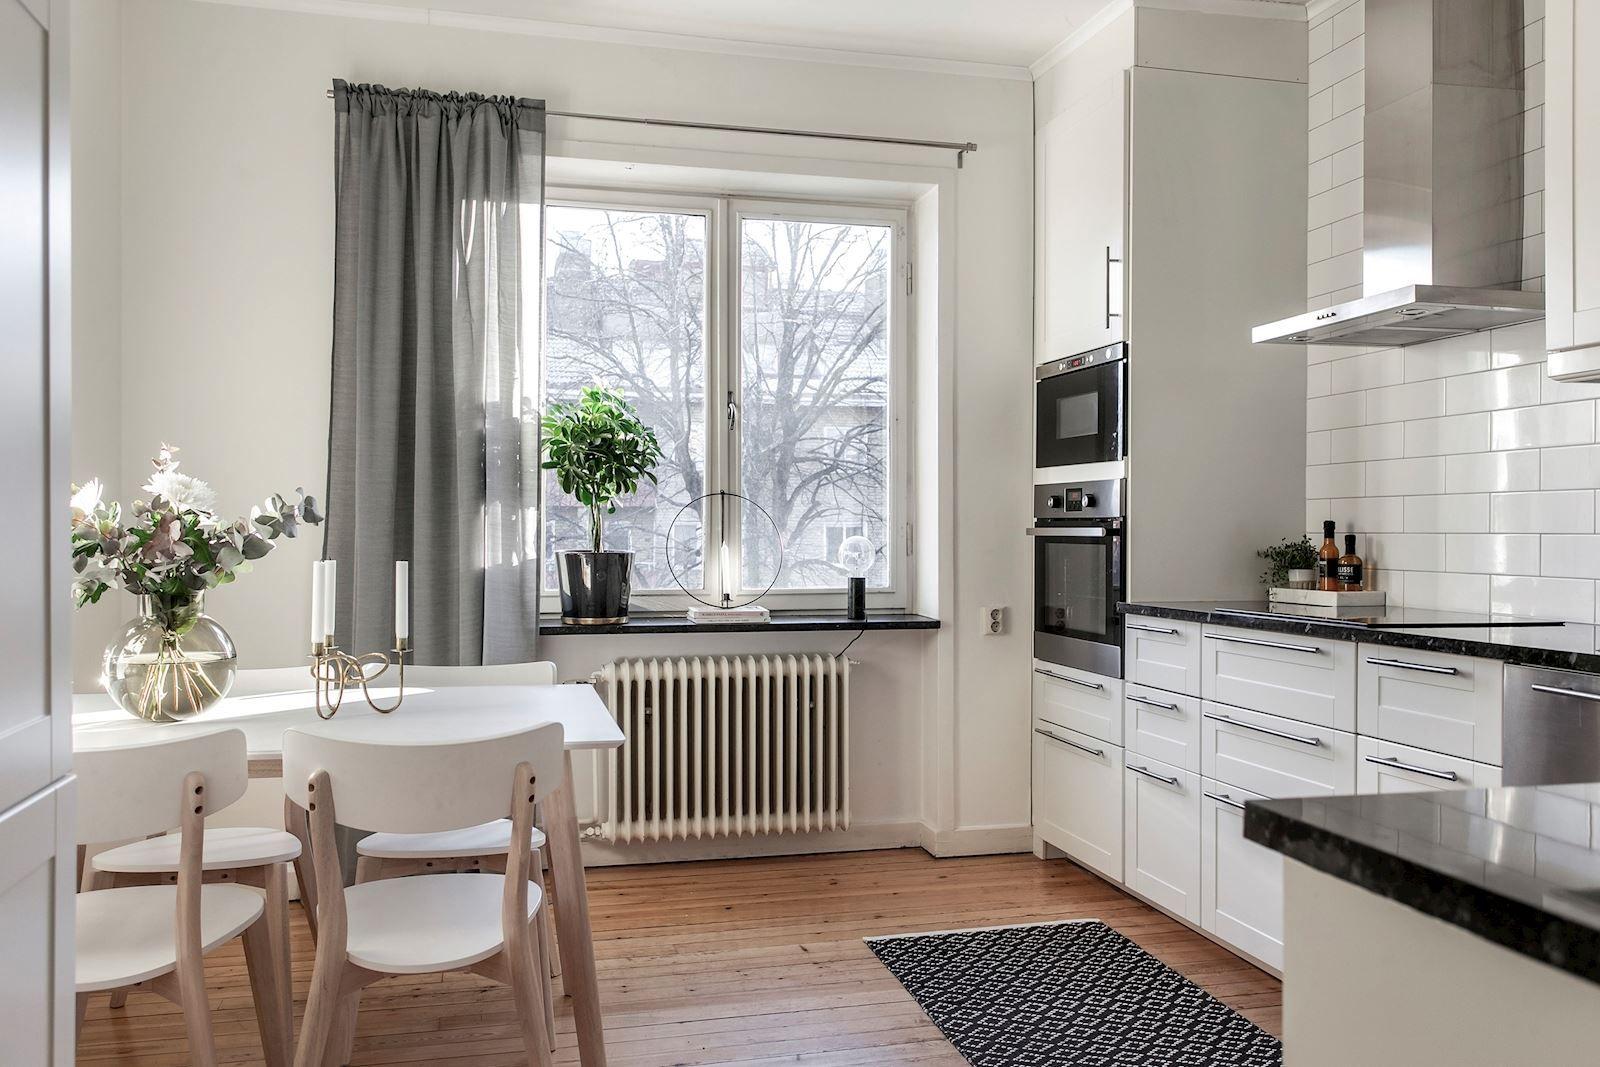 Vaksalagatan 5 B, Höganäs, Uppsala — Bjurfors  Home decor, Decor